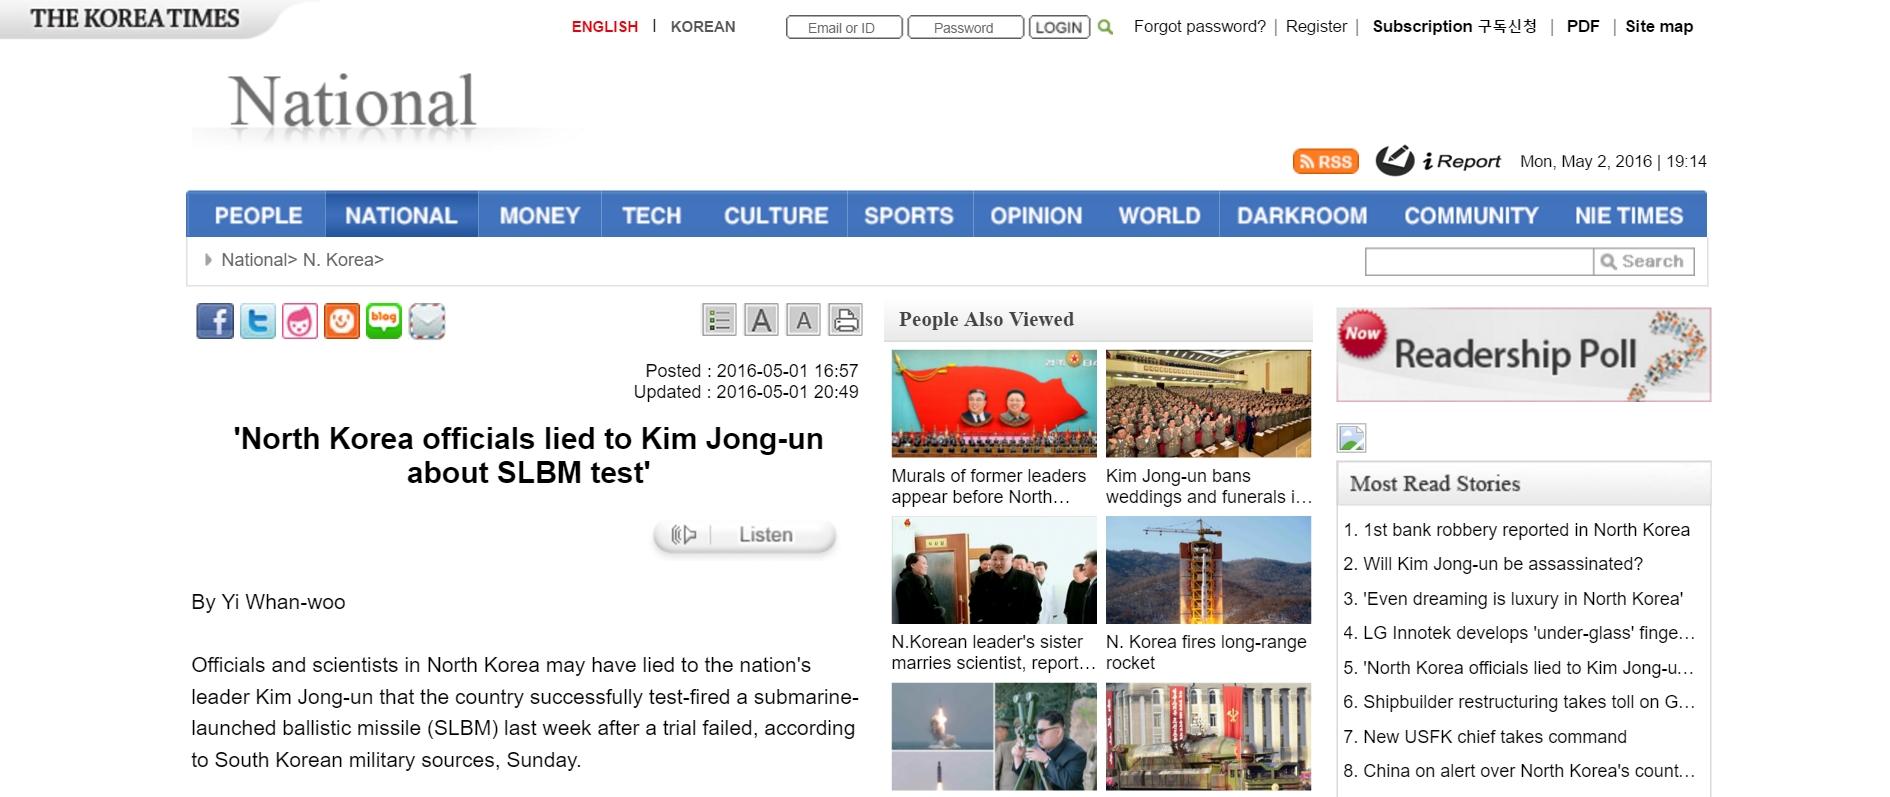 """Une source militaire anonyme aurait confié l'échec du tir de missile sous-marin du 23 avril dernier. Copie d'écran du """"Korea Times"""", le 2 mai 2016."""